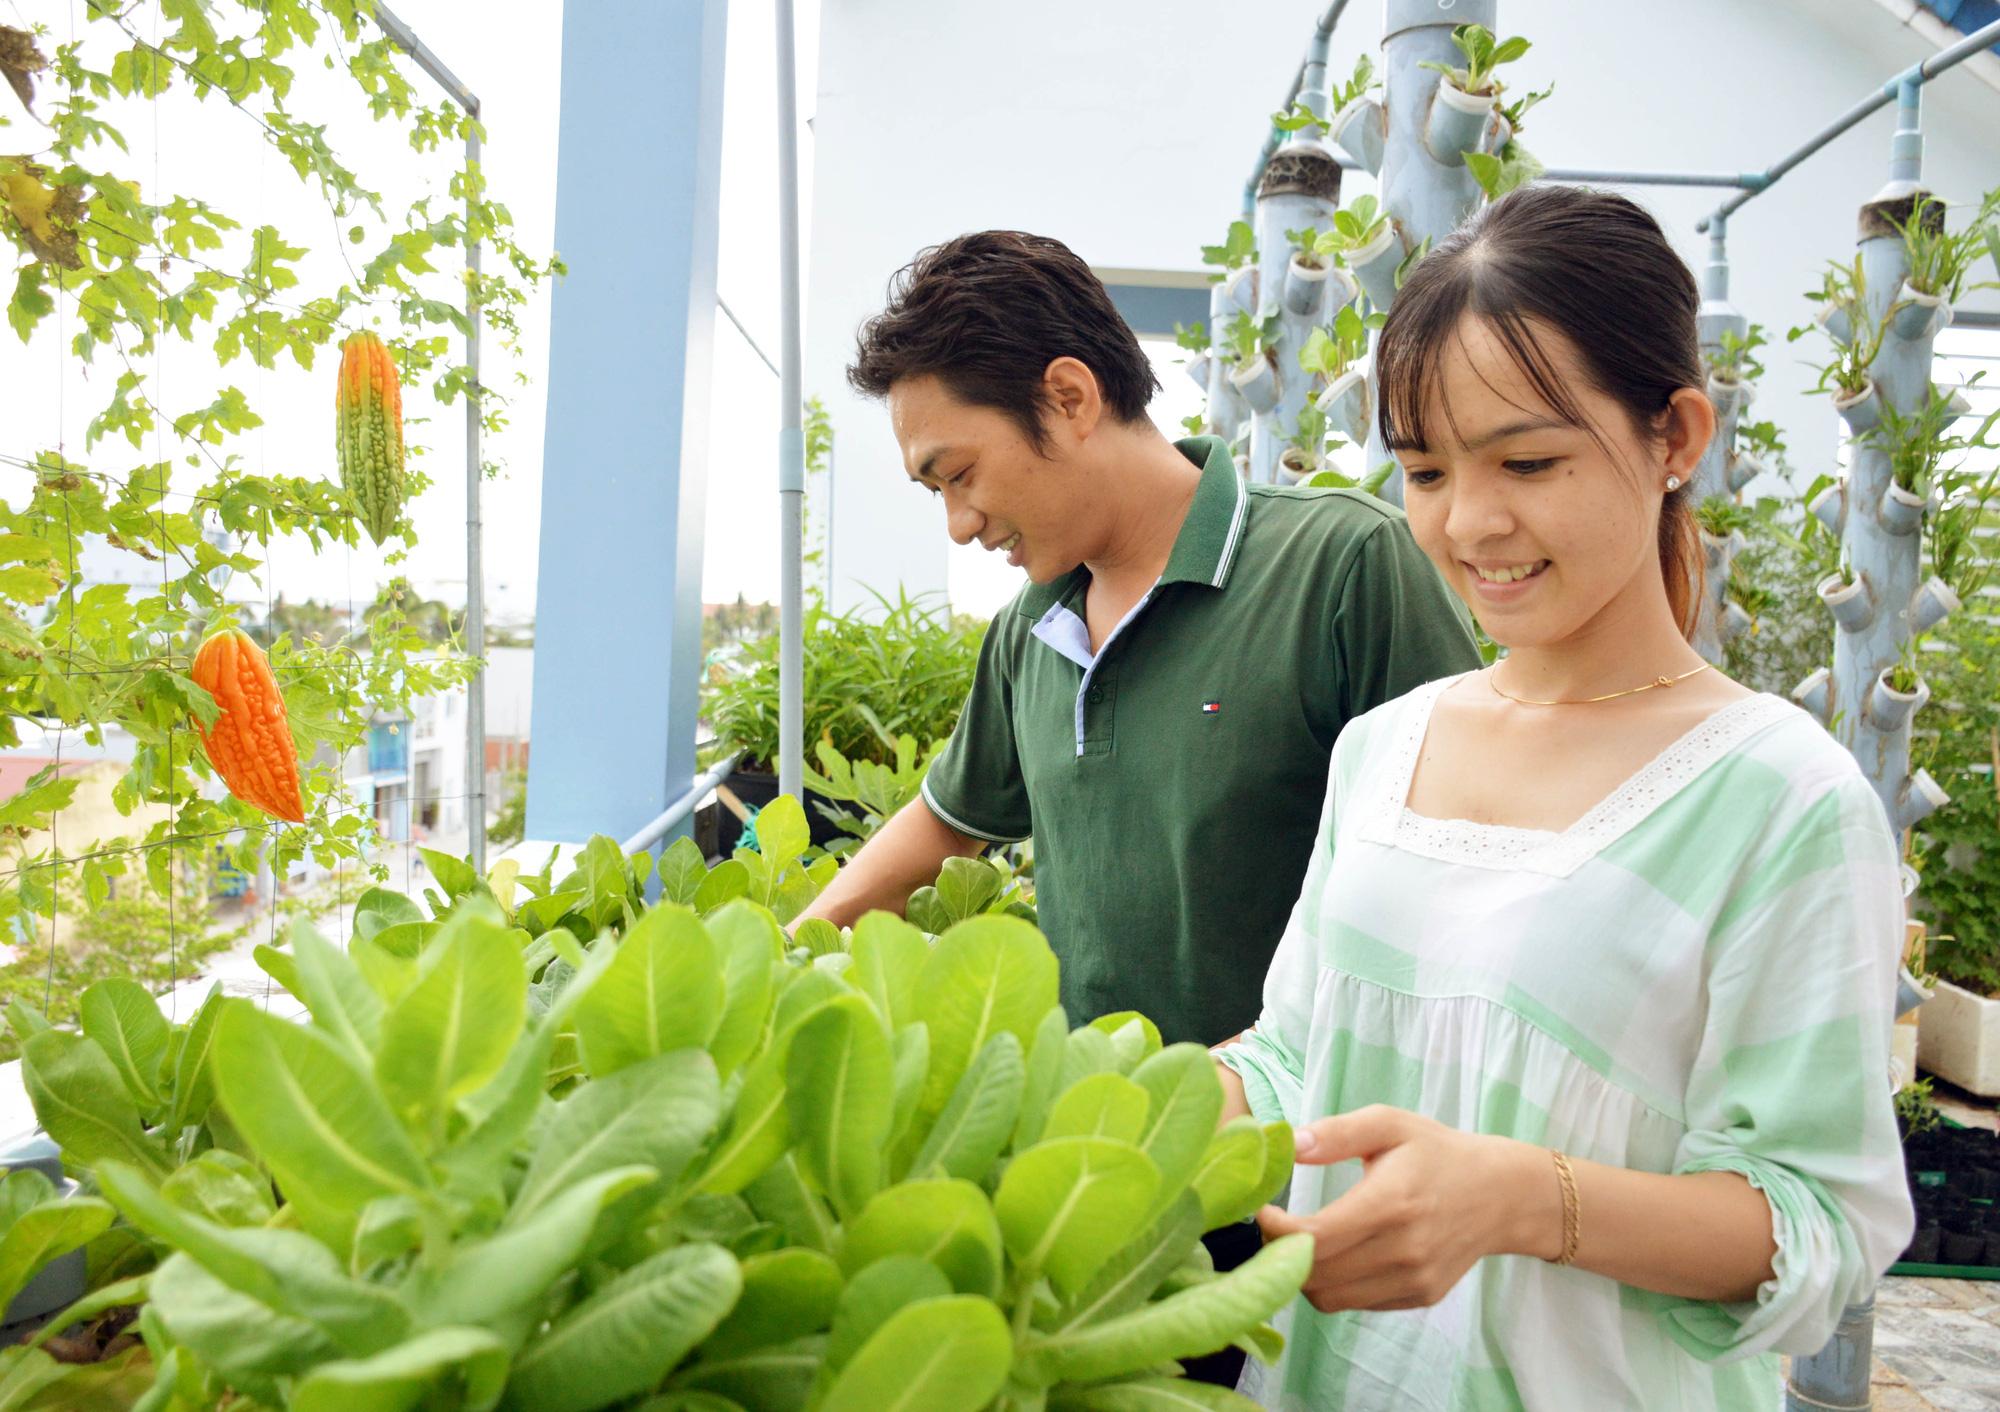 """Ngỡ ngàng """"khu vườn trên mây"""" với hơn 30 loại cây của đôi vợ chồng trẻ - Ảnh 5."""